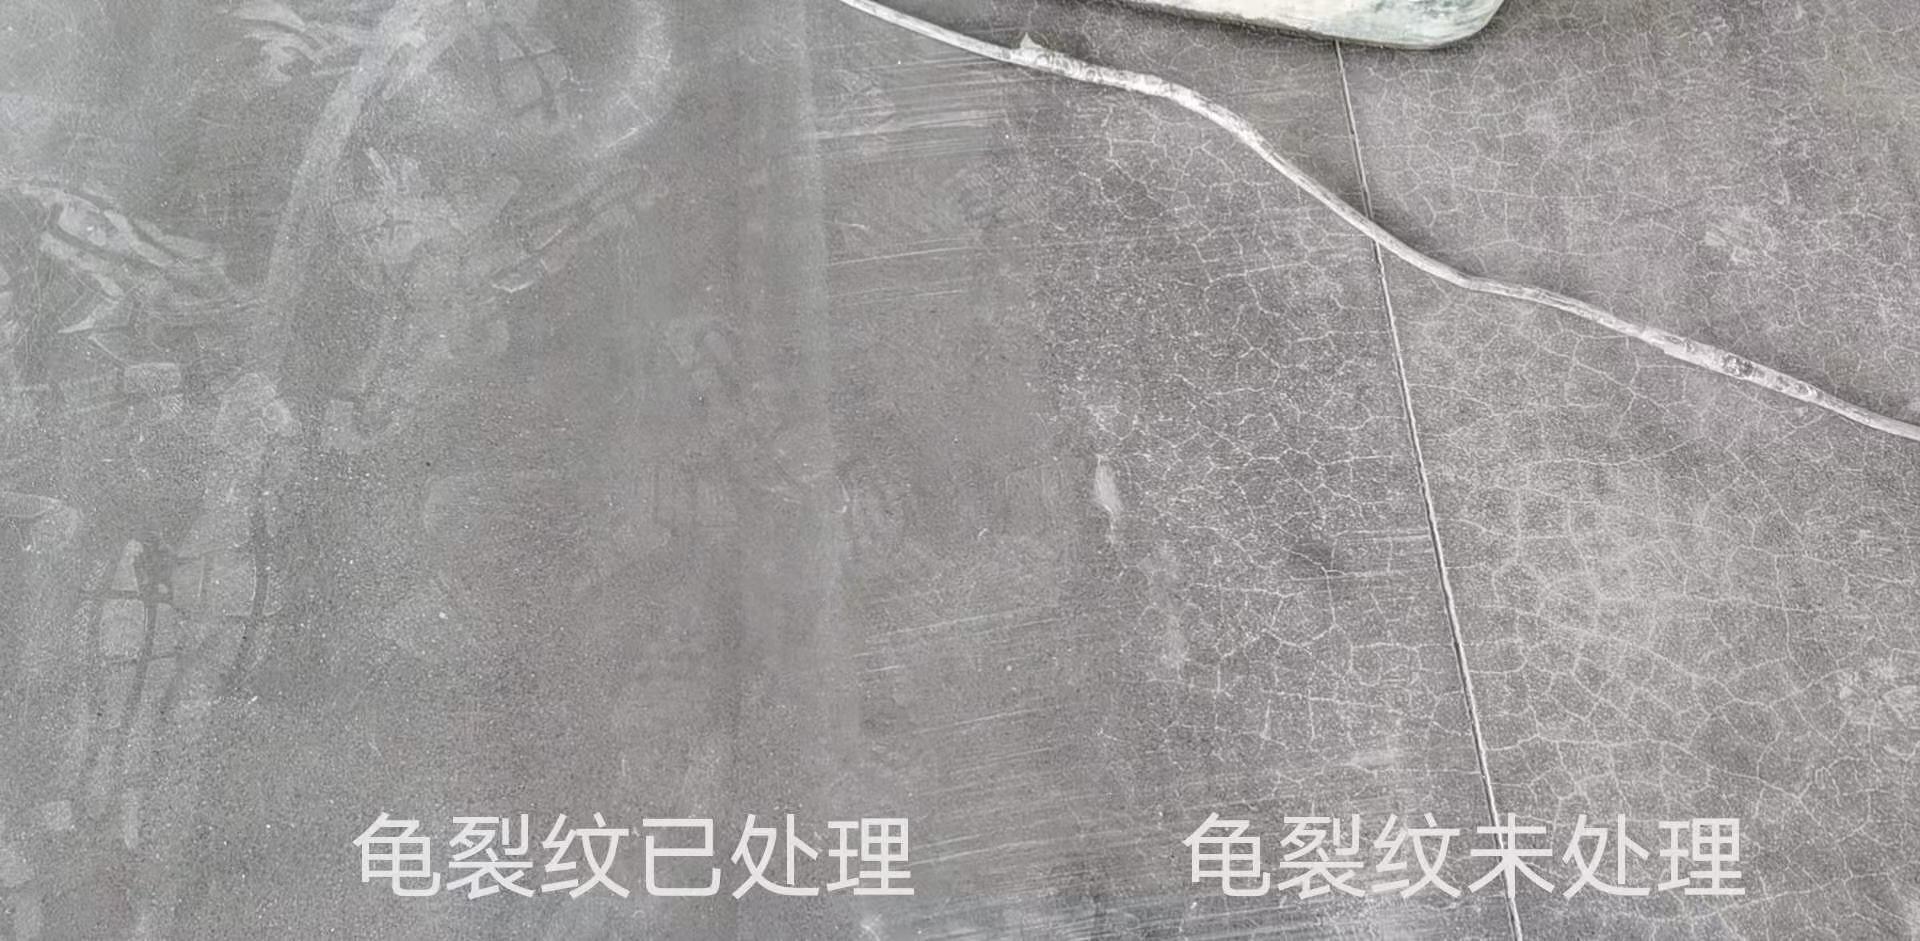 金润新技术—混凝土龟裂纹克星